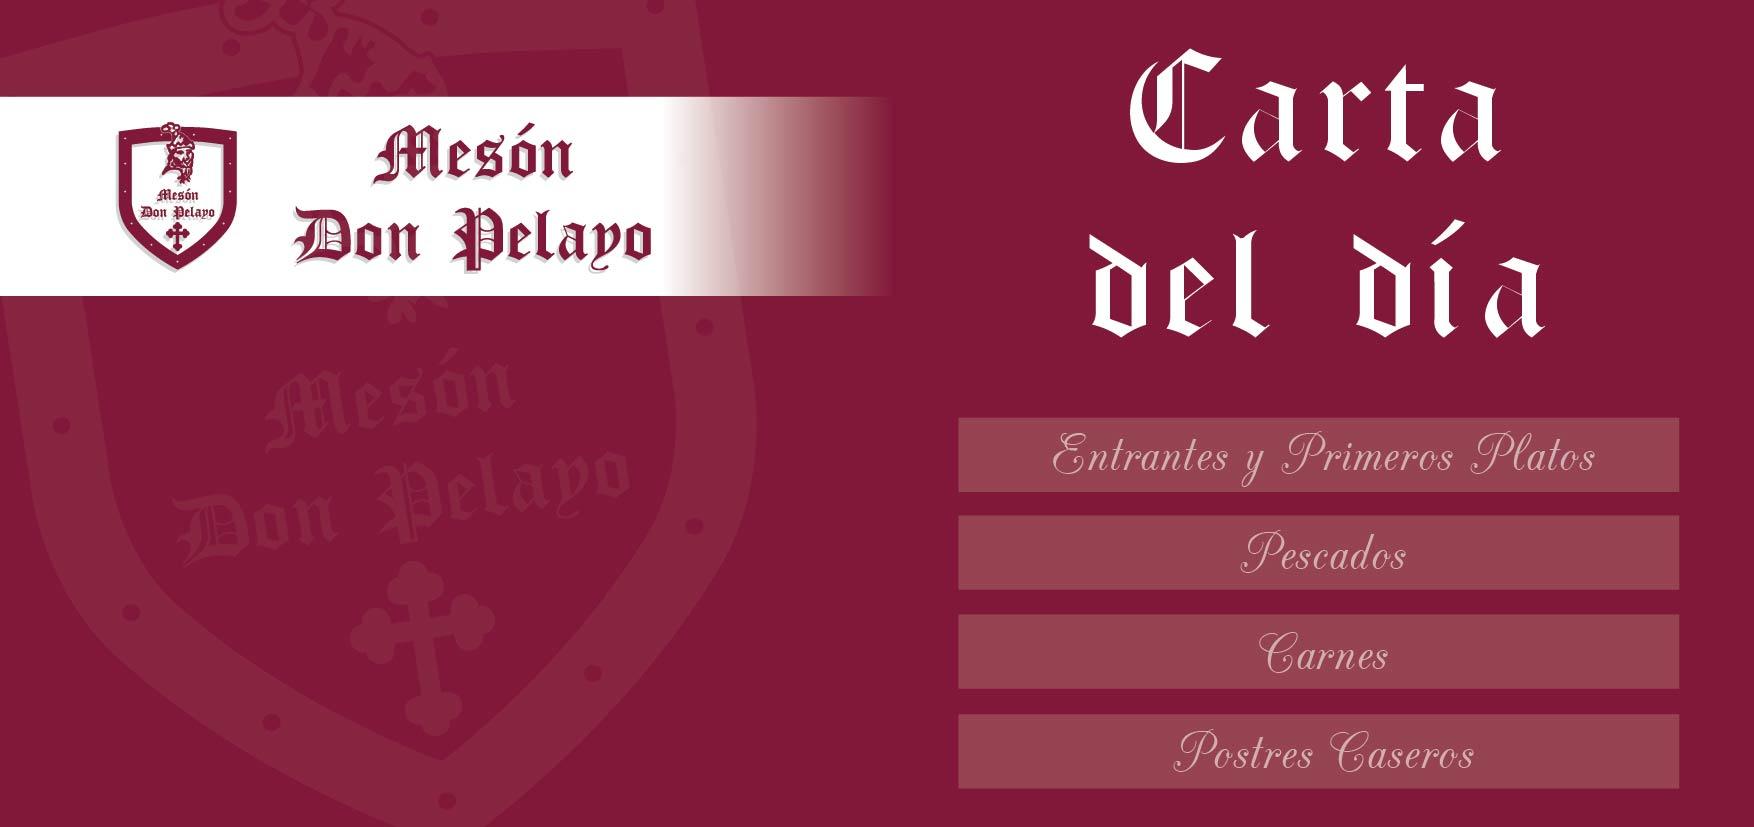 Carta del día restaurante Mesón Don Pelayo